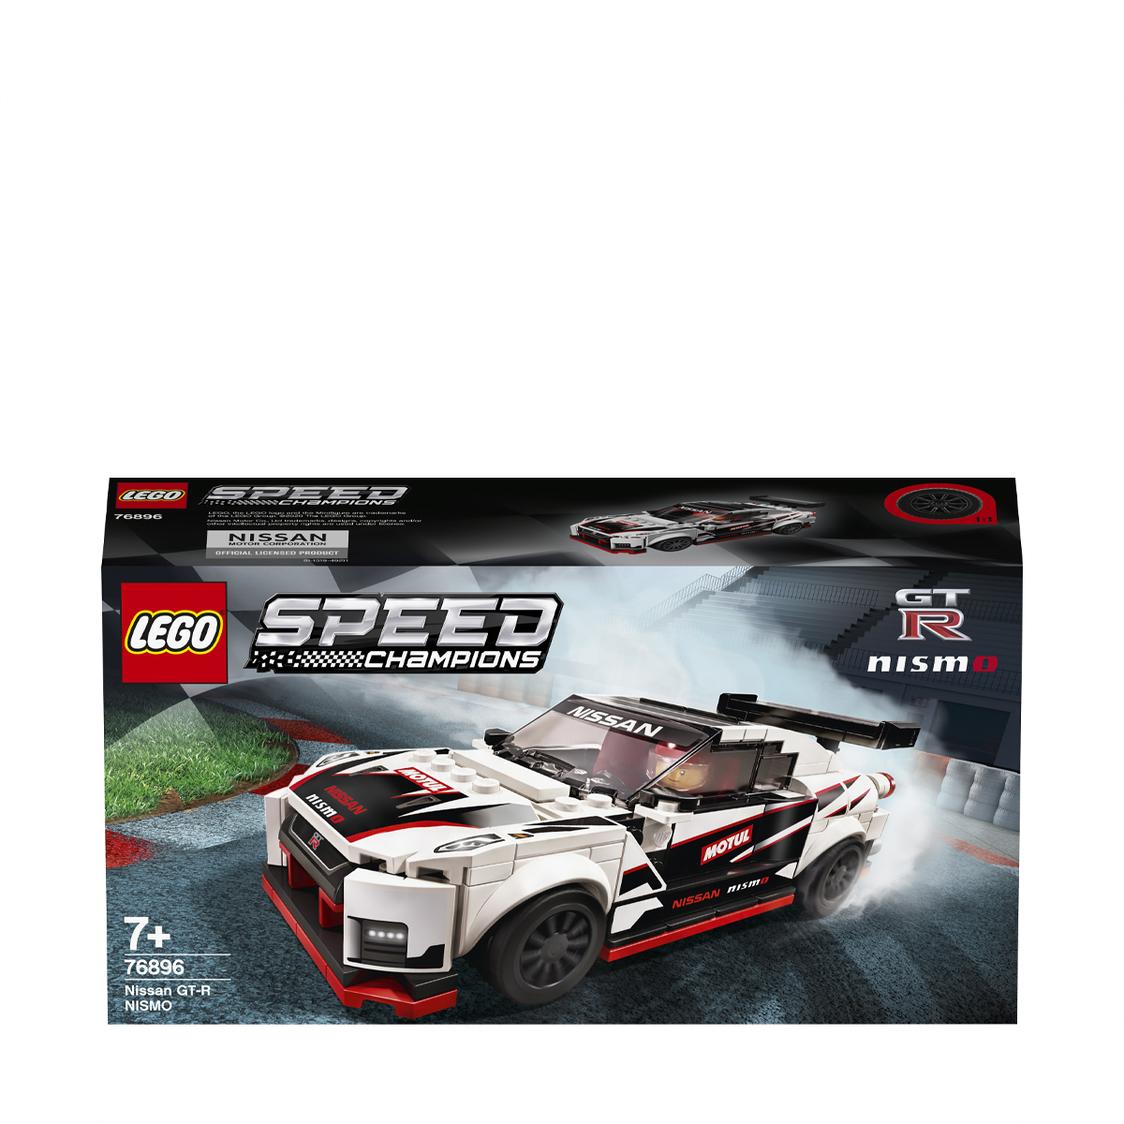 LEGO Nissan GT-R NISMO 76896